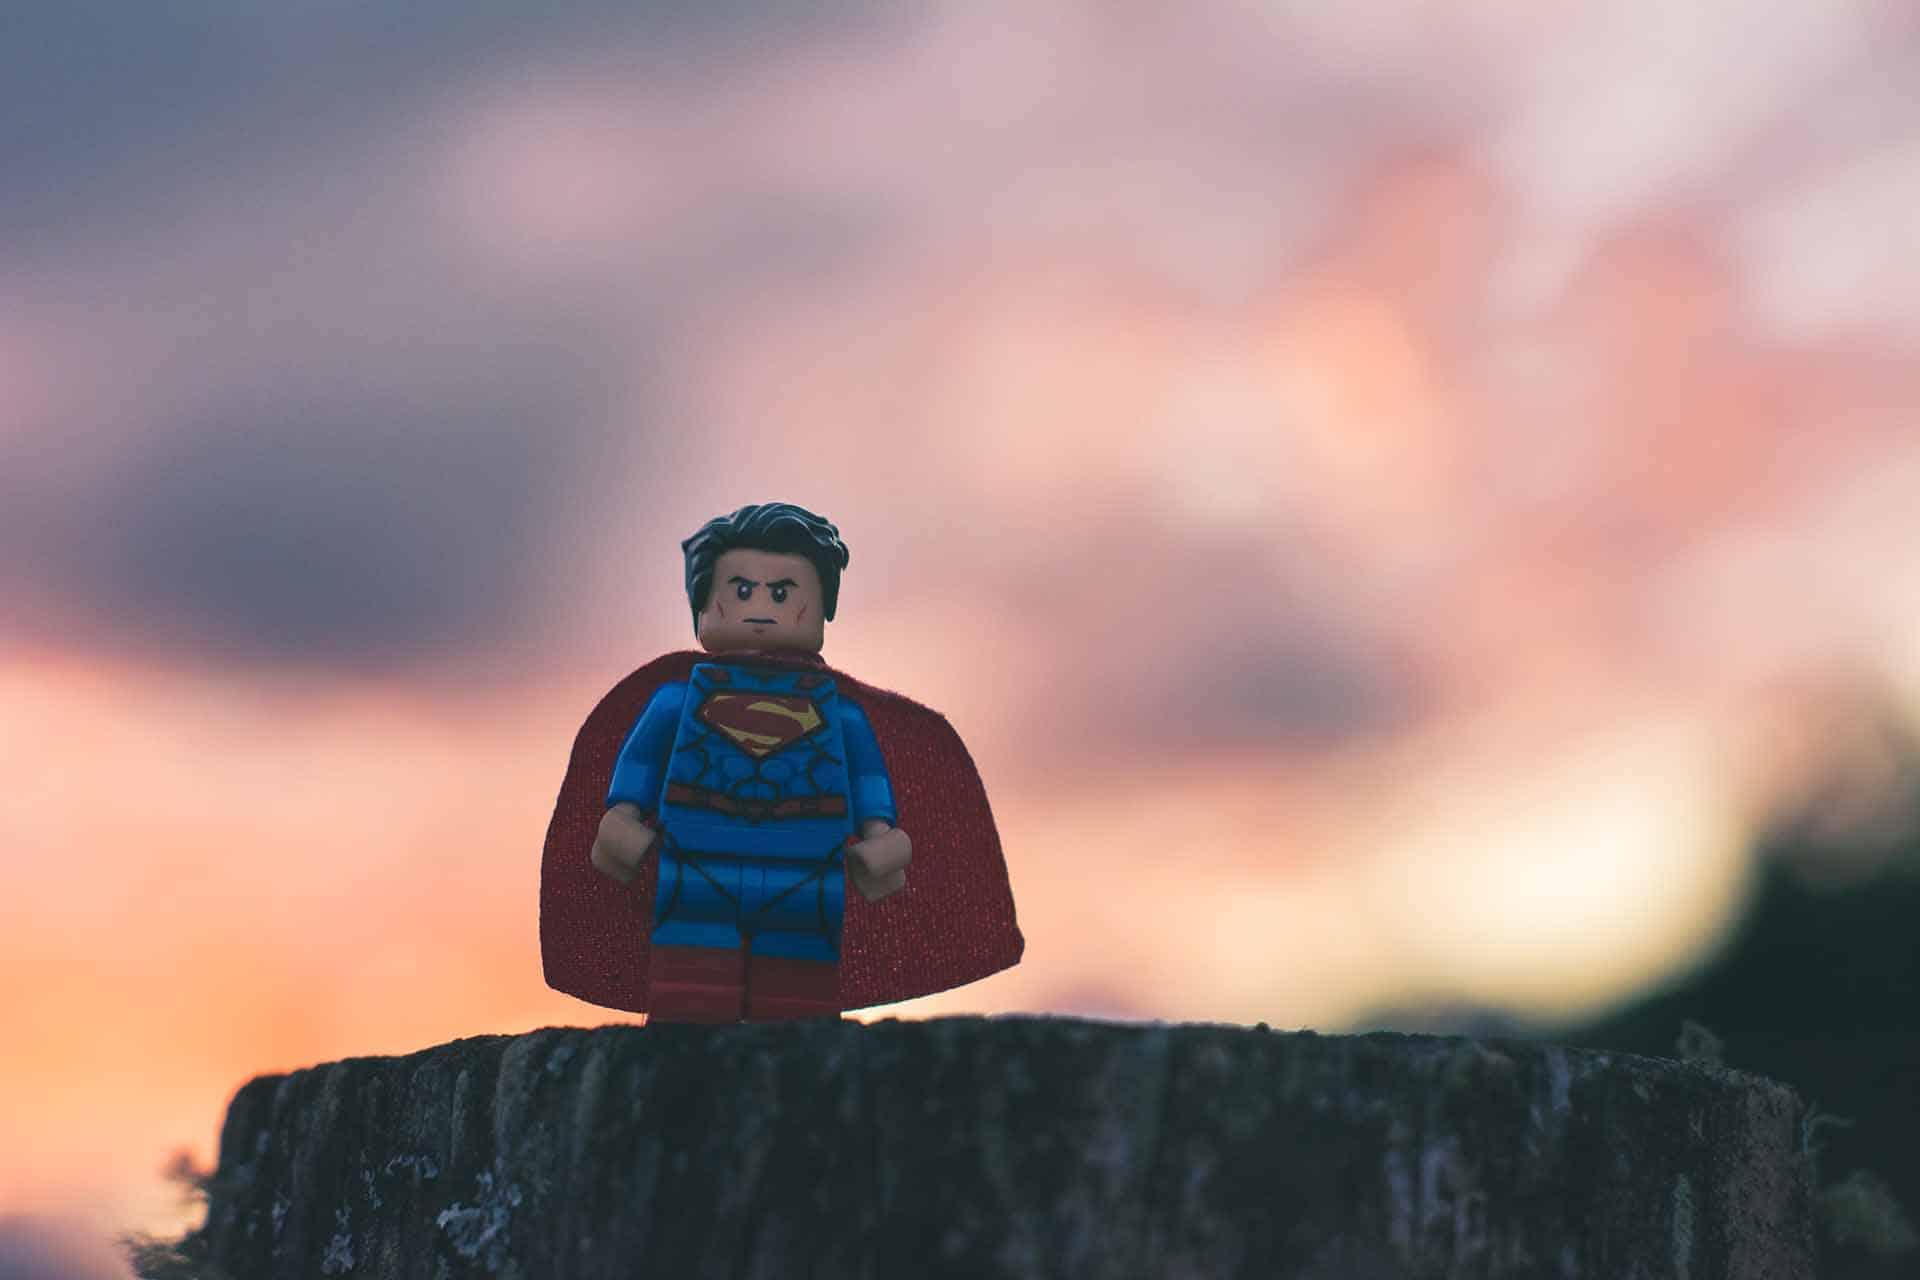 t2informatik Blog: Mut, das Wundermittel für die Zukunft?!